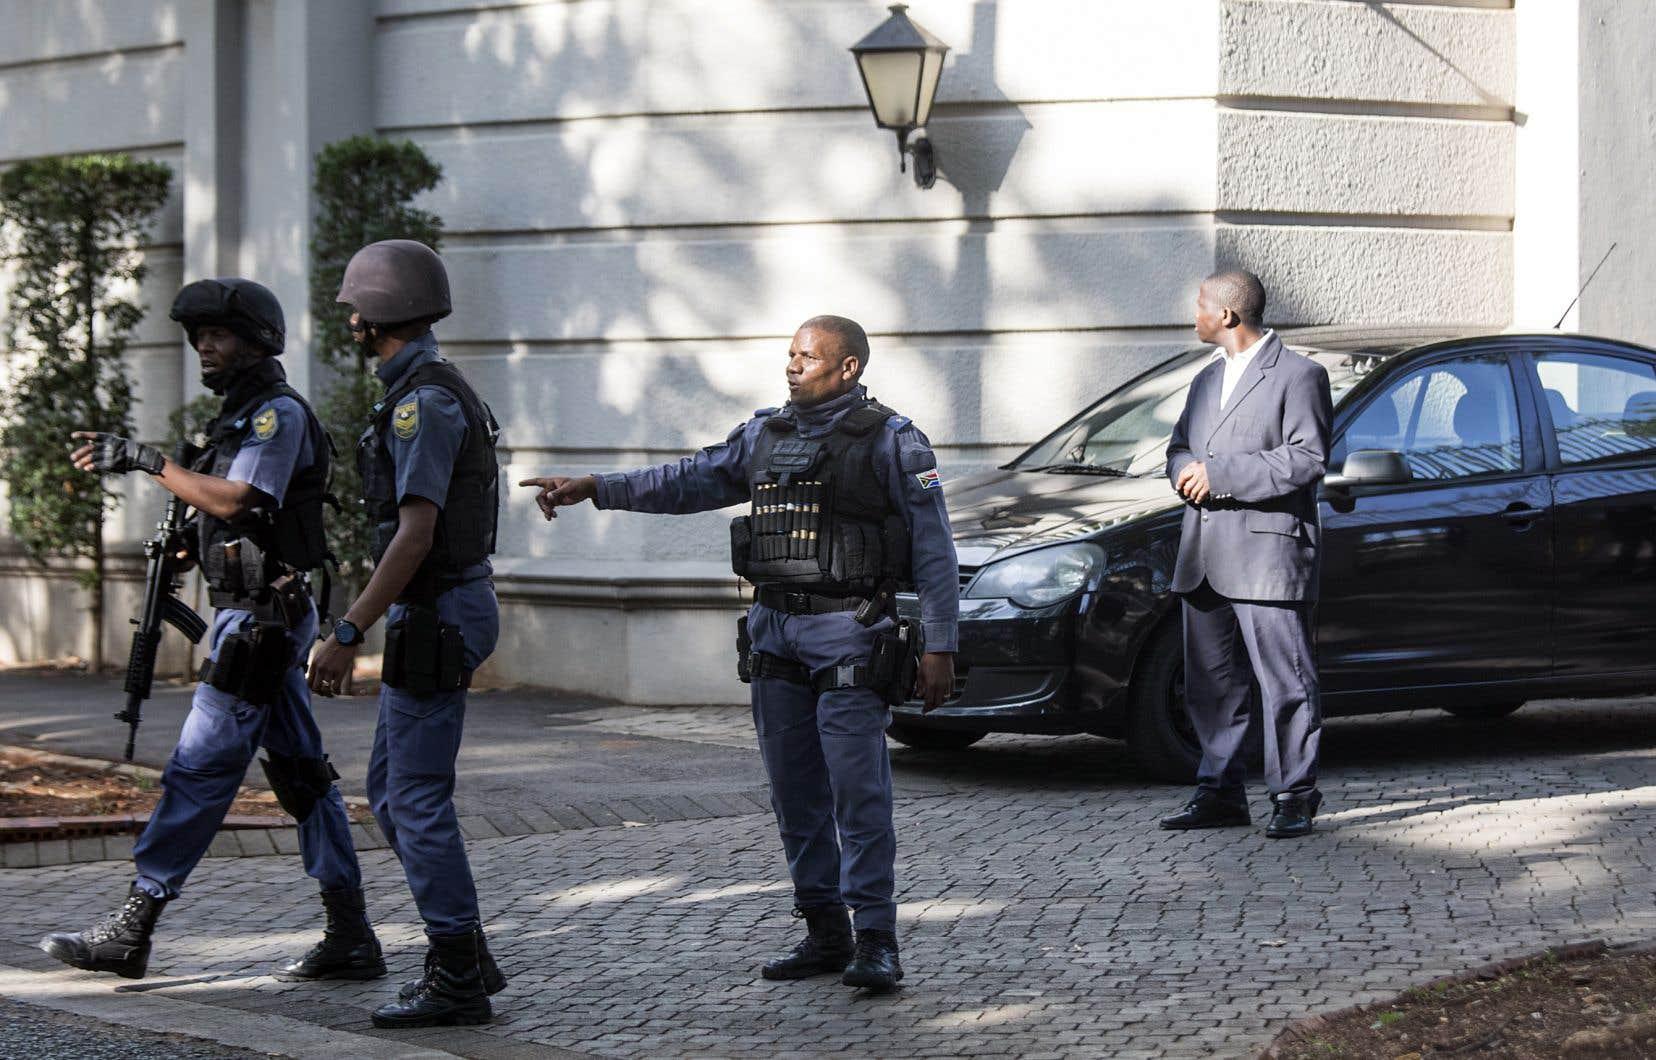 Mercredi, les «hawks» de l'unité d'élite de la police ont perquisitionné chez la famille Gupta, à Johannesburg, dans le cadre d'une affaire de détournement de fonds et trafic d'influence. Les Gupta sont très proches de la famille du président déchu Jacob Zuma.